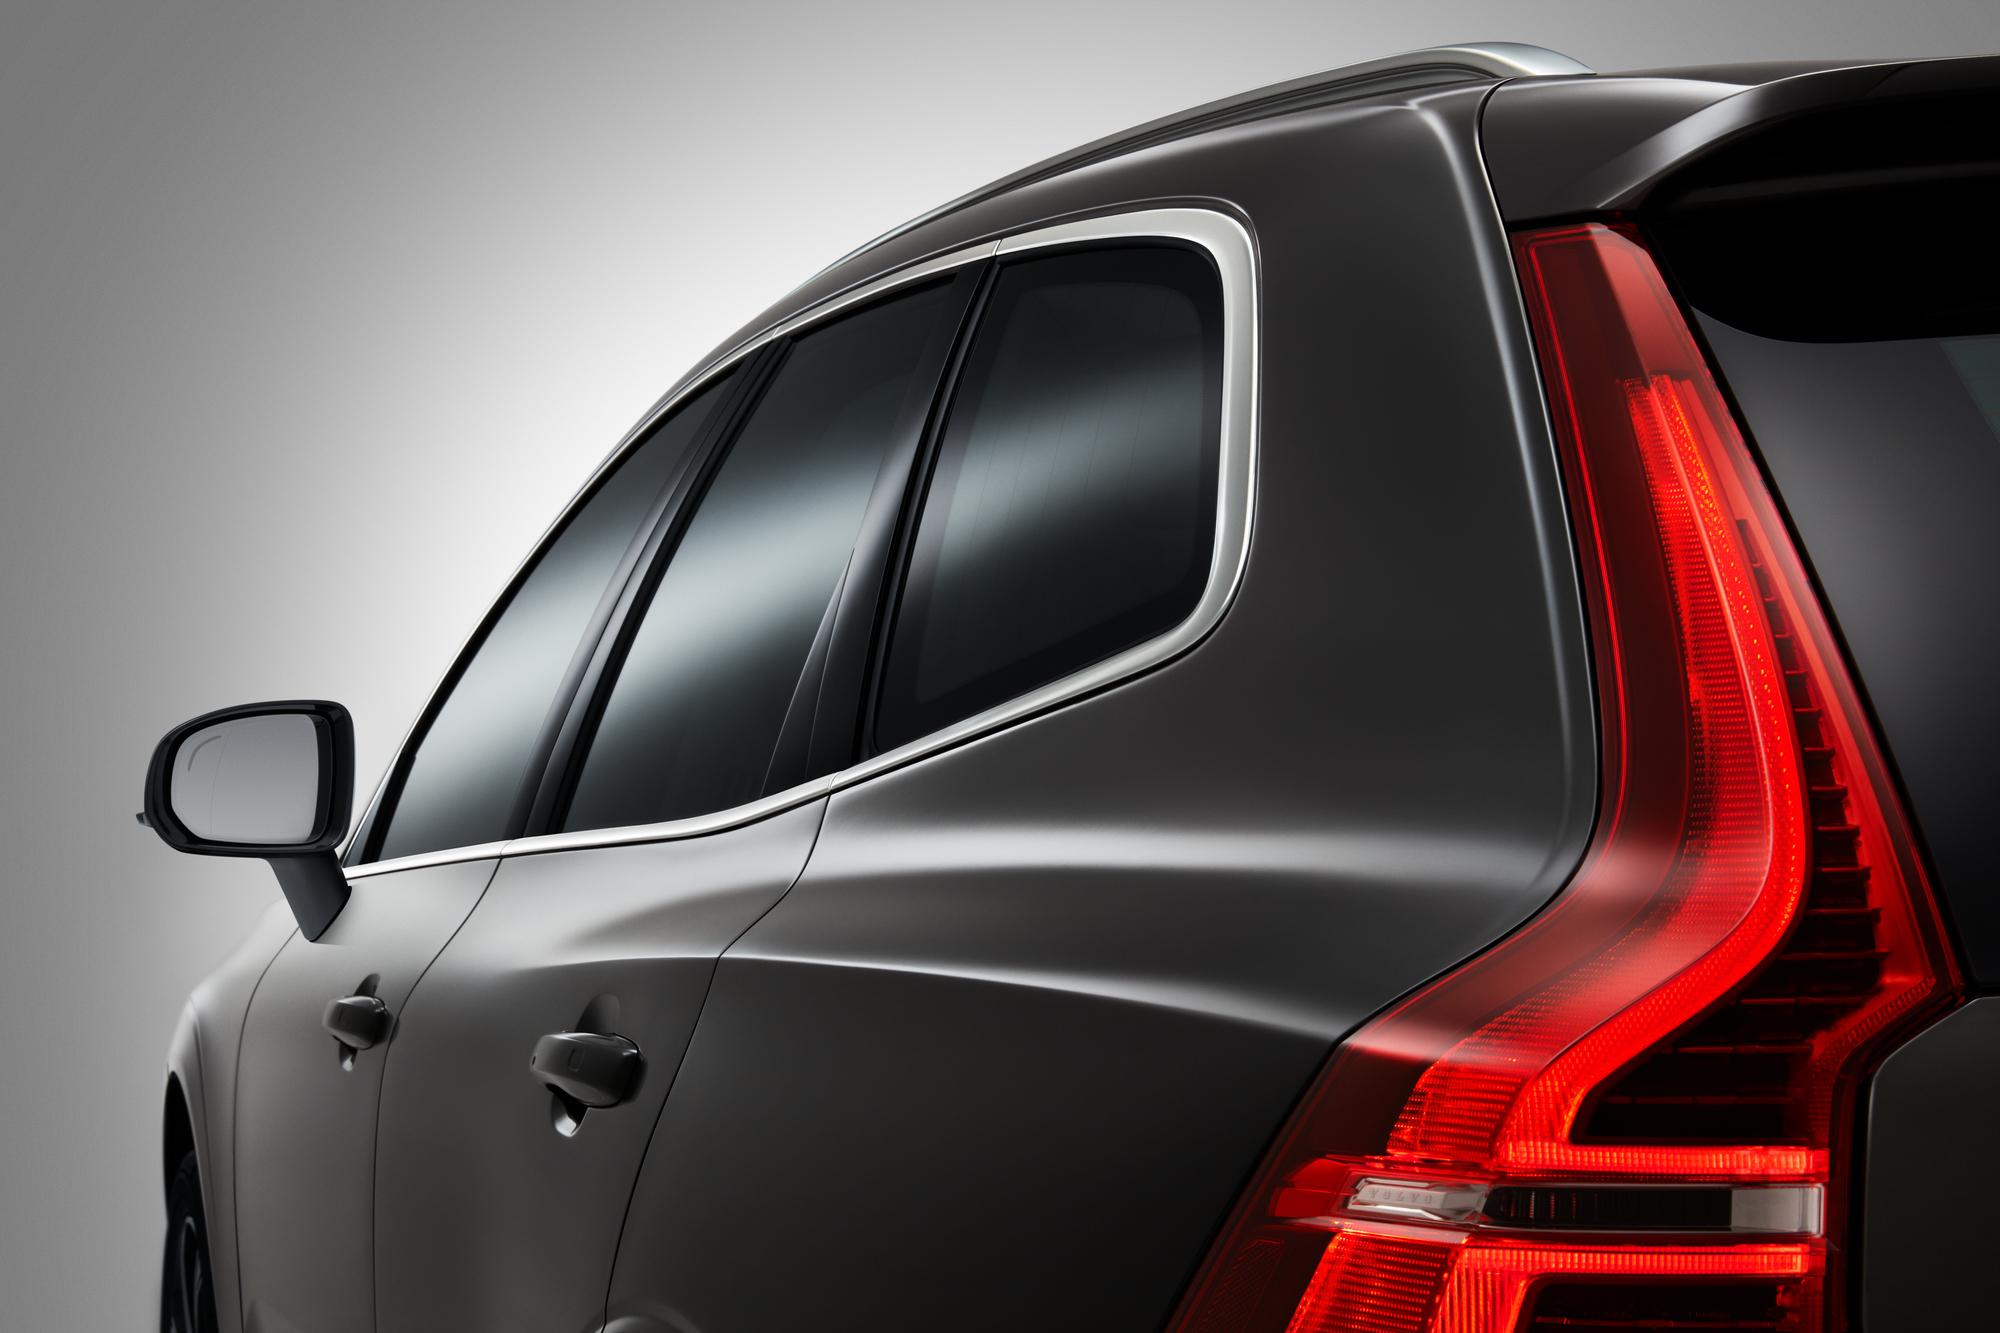 Volvo ХС60 фото экстерьера 3